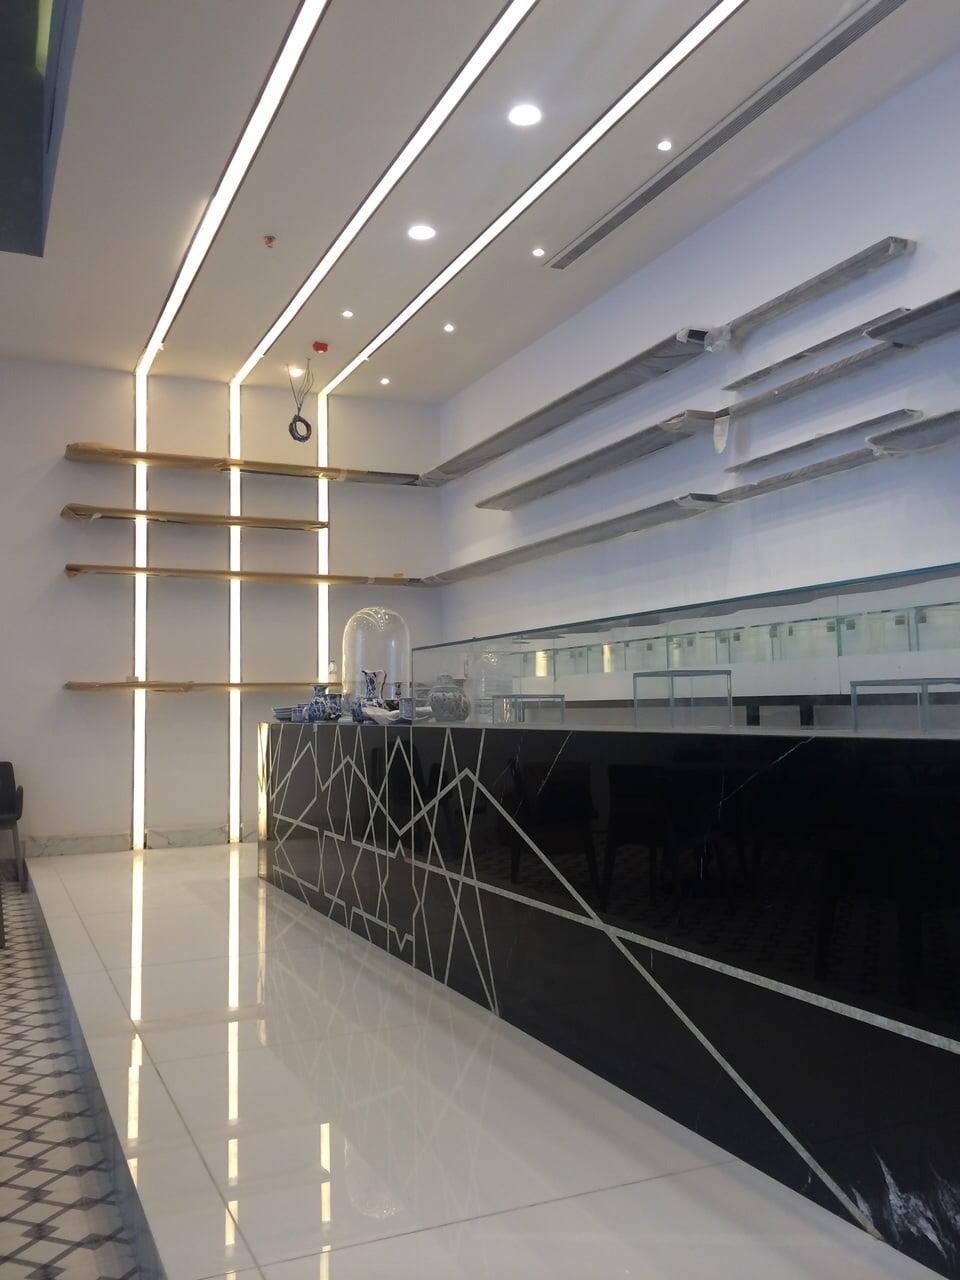 Cafe nadia-restaurant-mimari-tasarim _ NADİA RESTAURANT CİDDE (4)